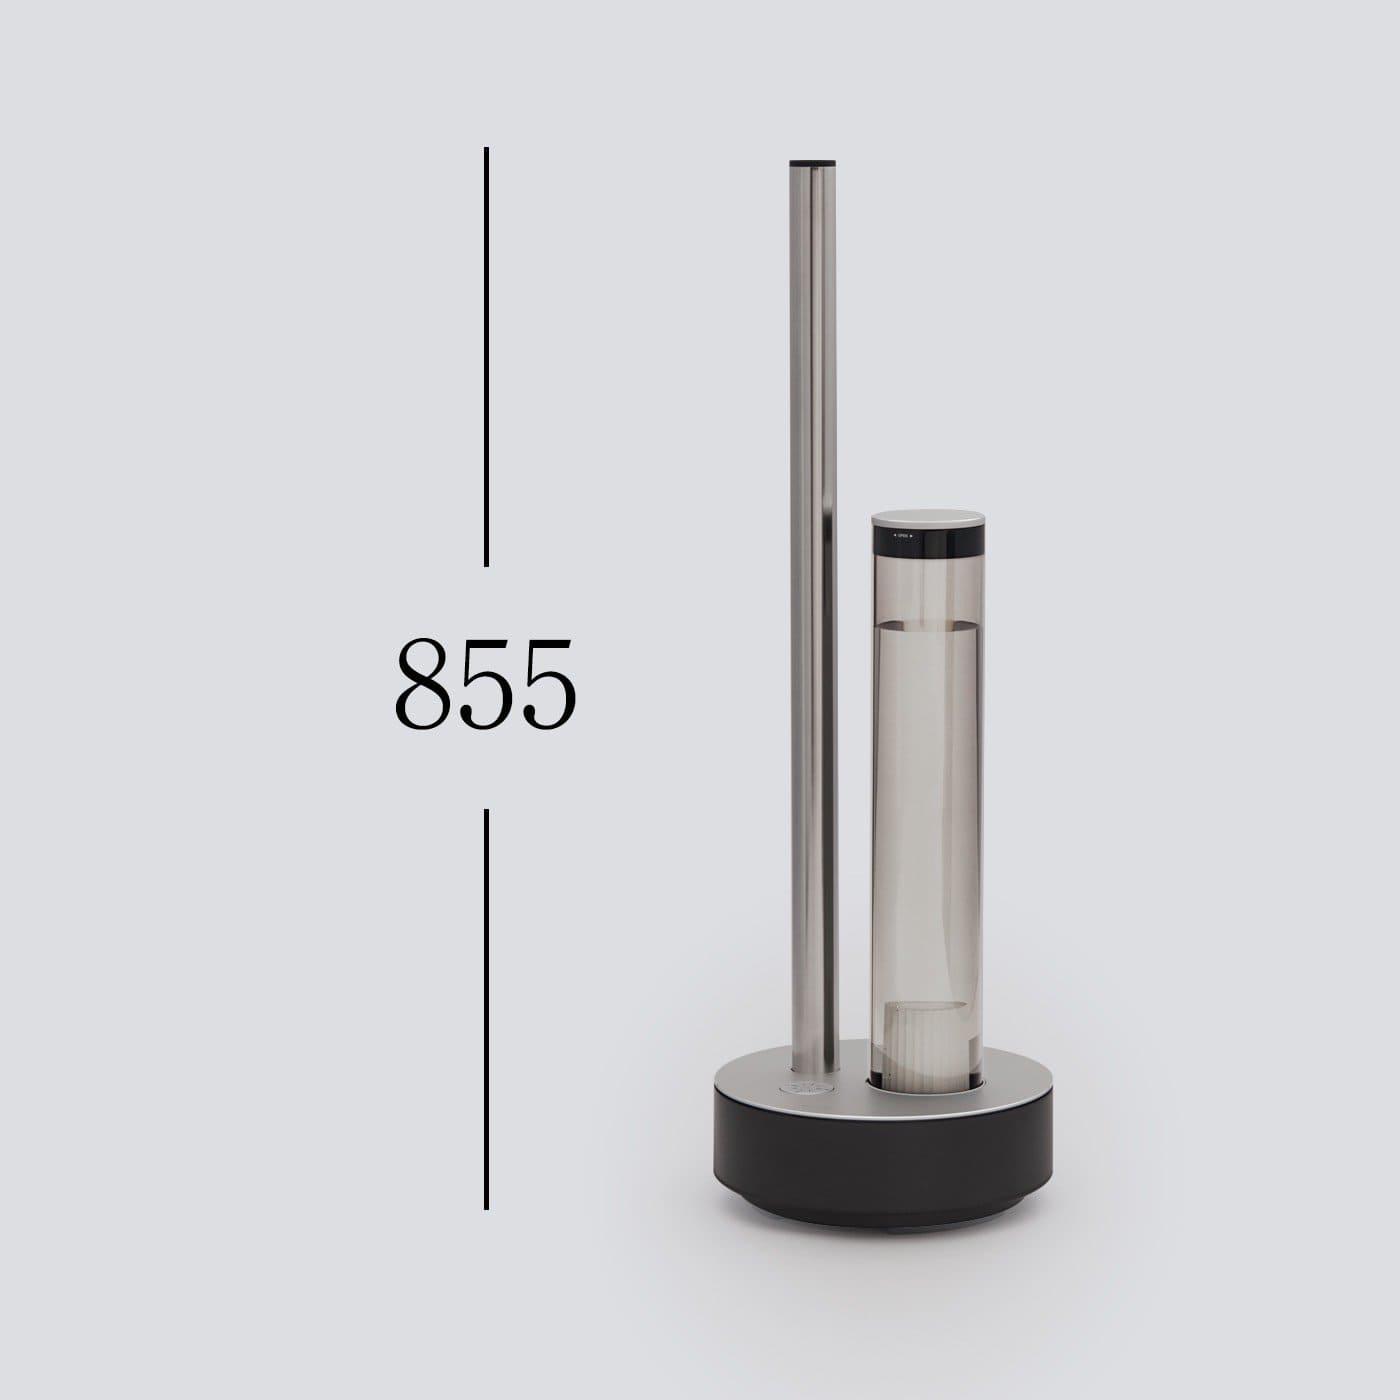 【正規販売店】cado カドー 加湿器 STEM 620